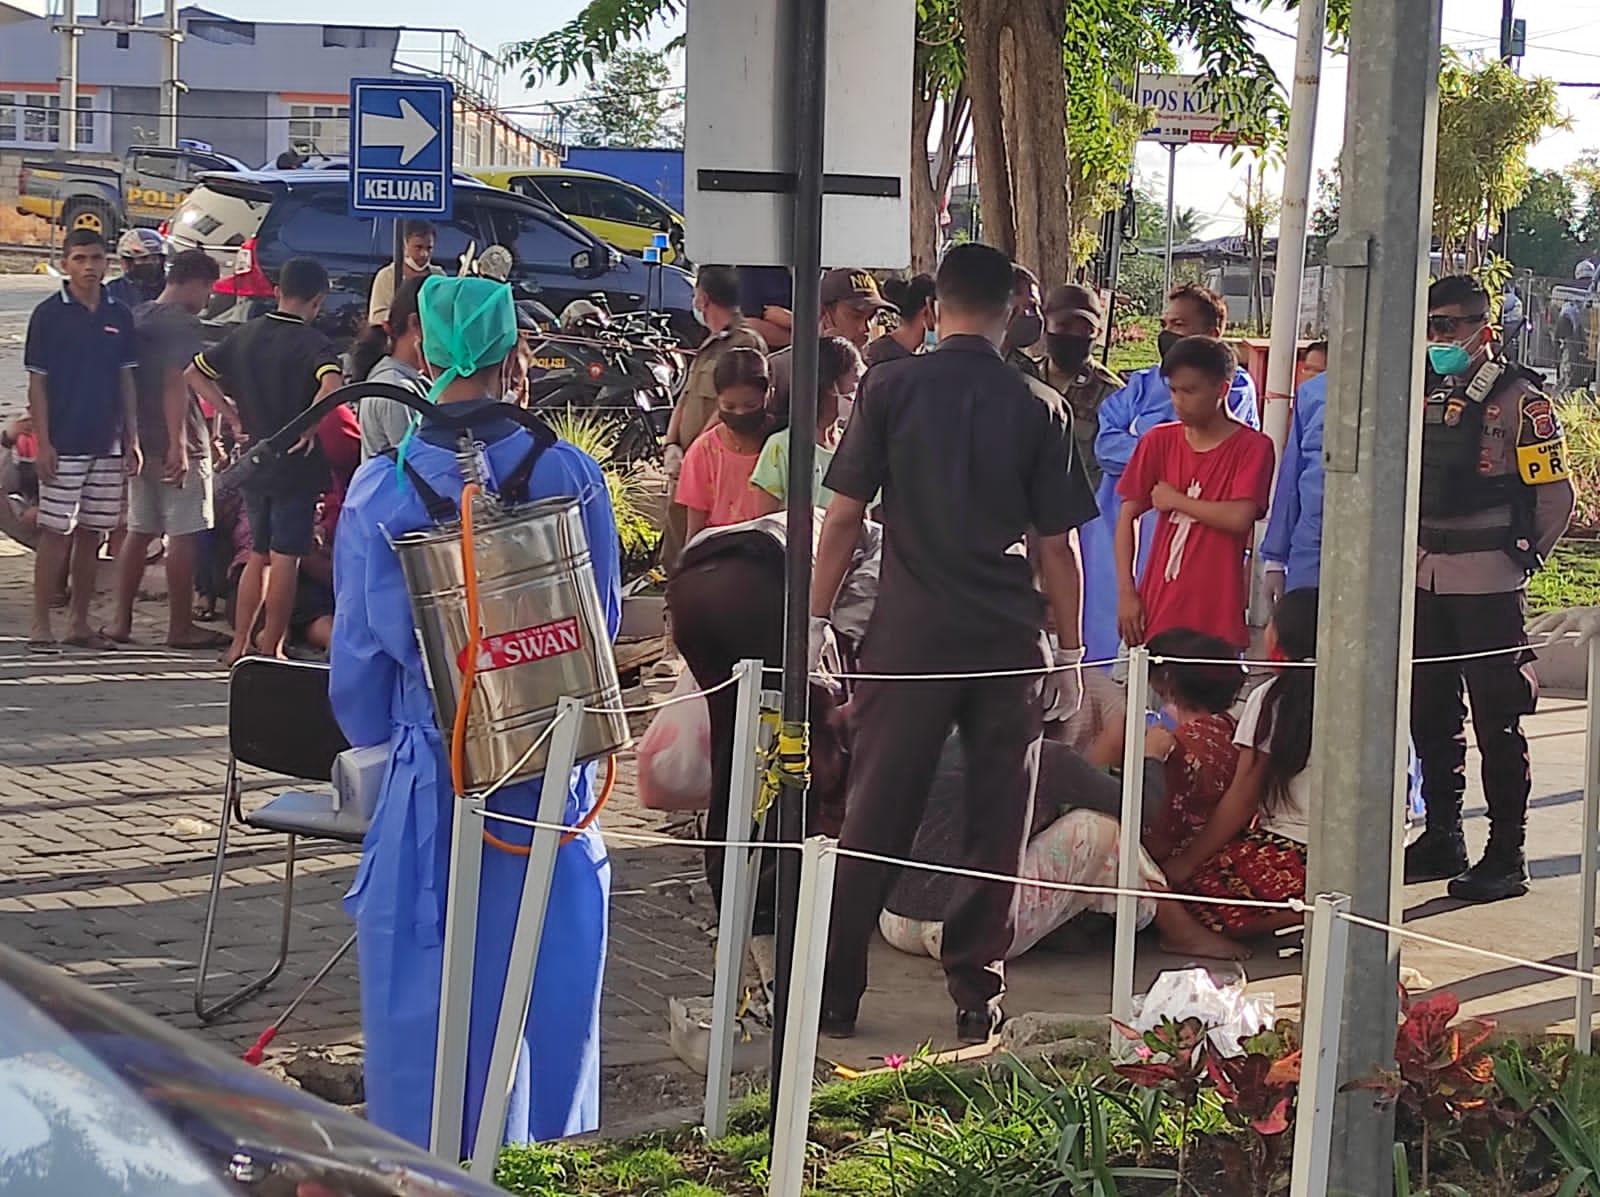 Korban Laka Lantas di Kupang Divonis Covid-19, Keluarga Mengamuk di Rumah Sakit